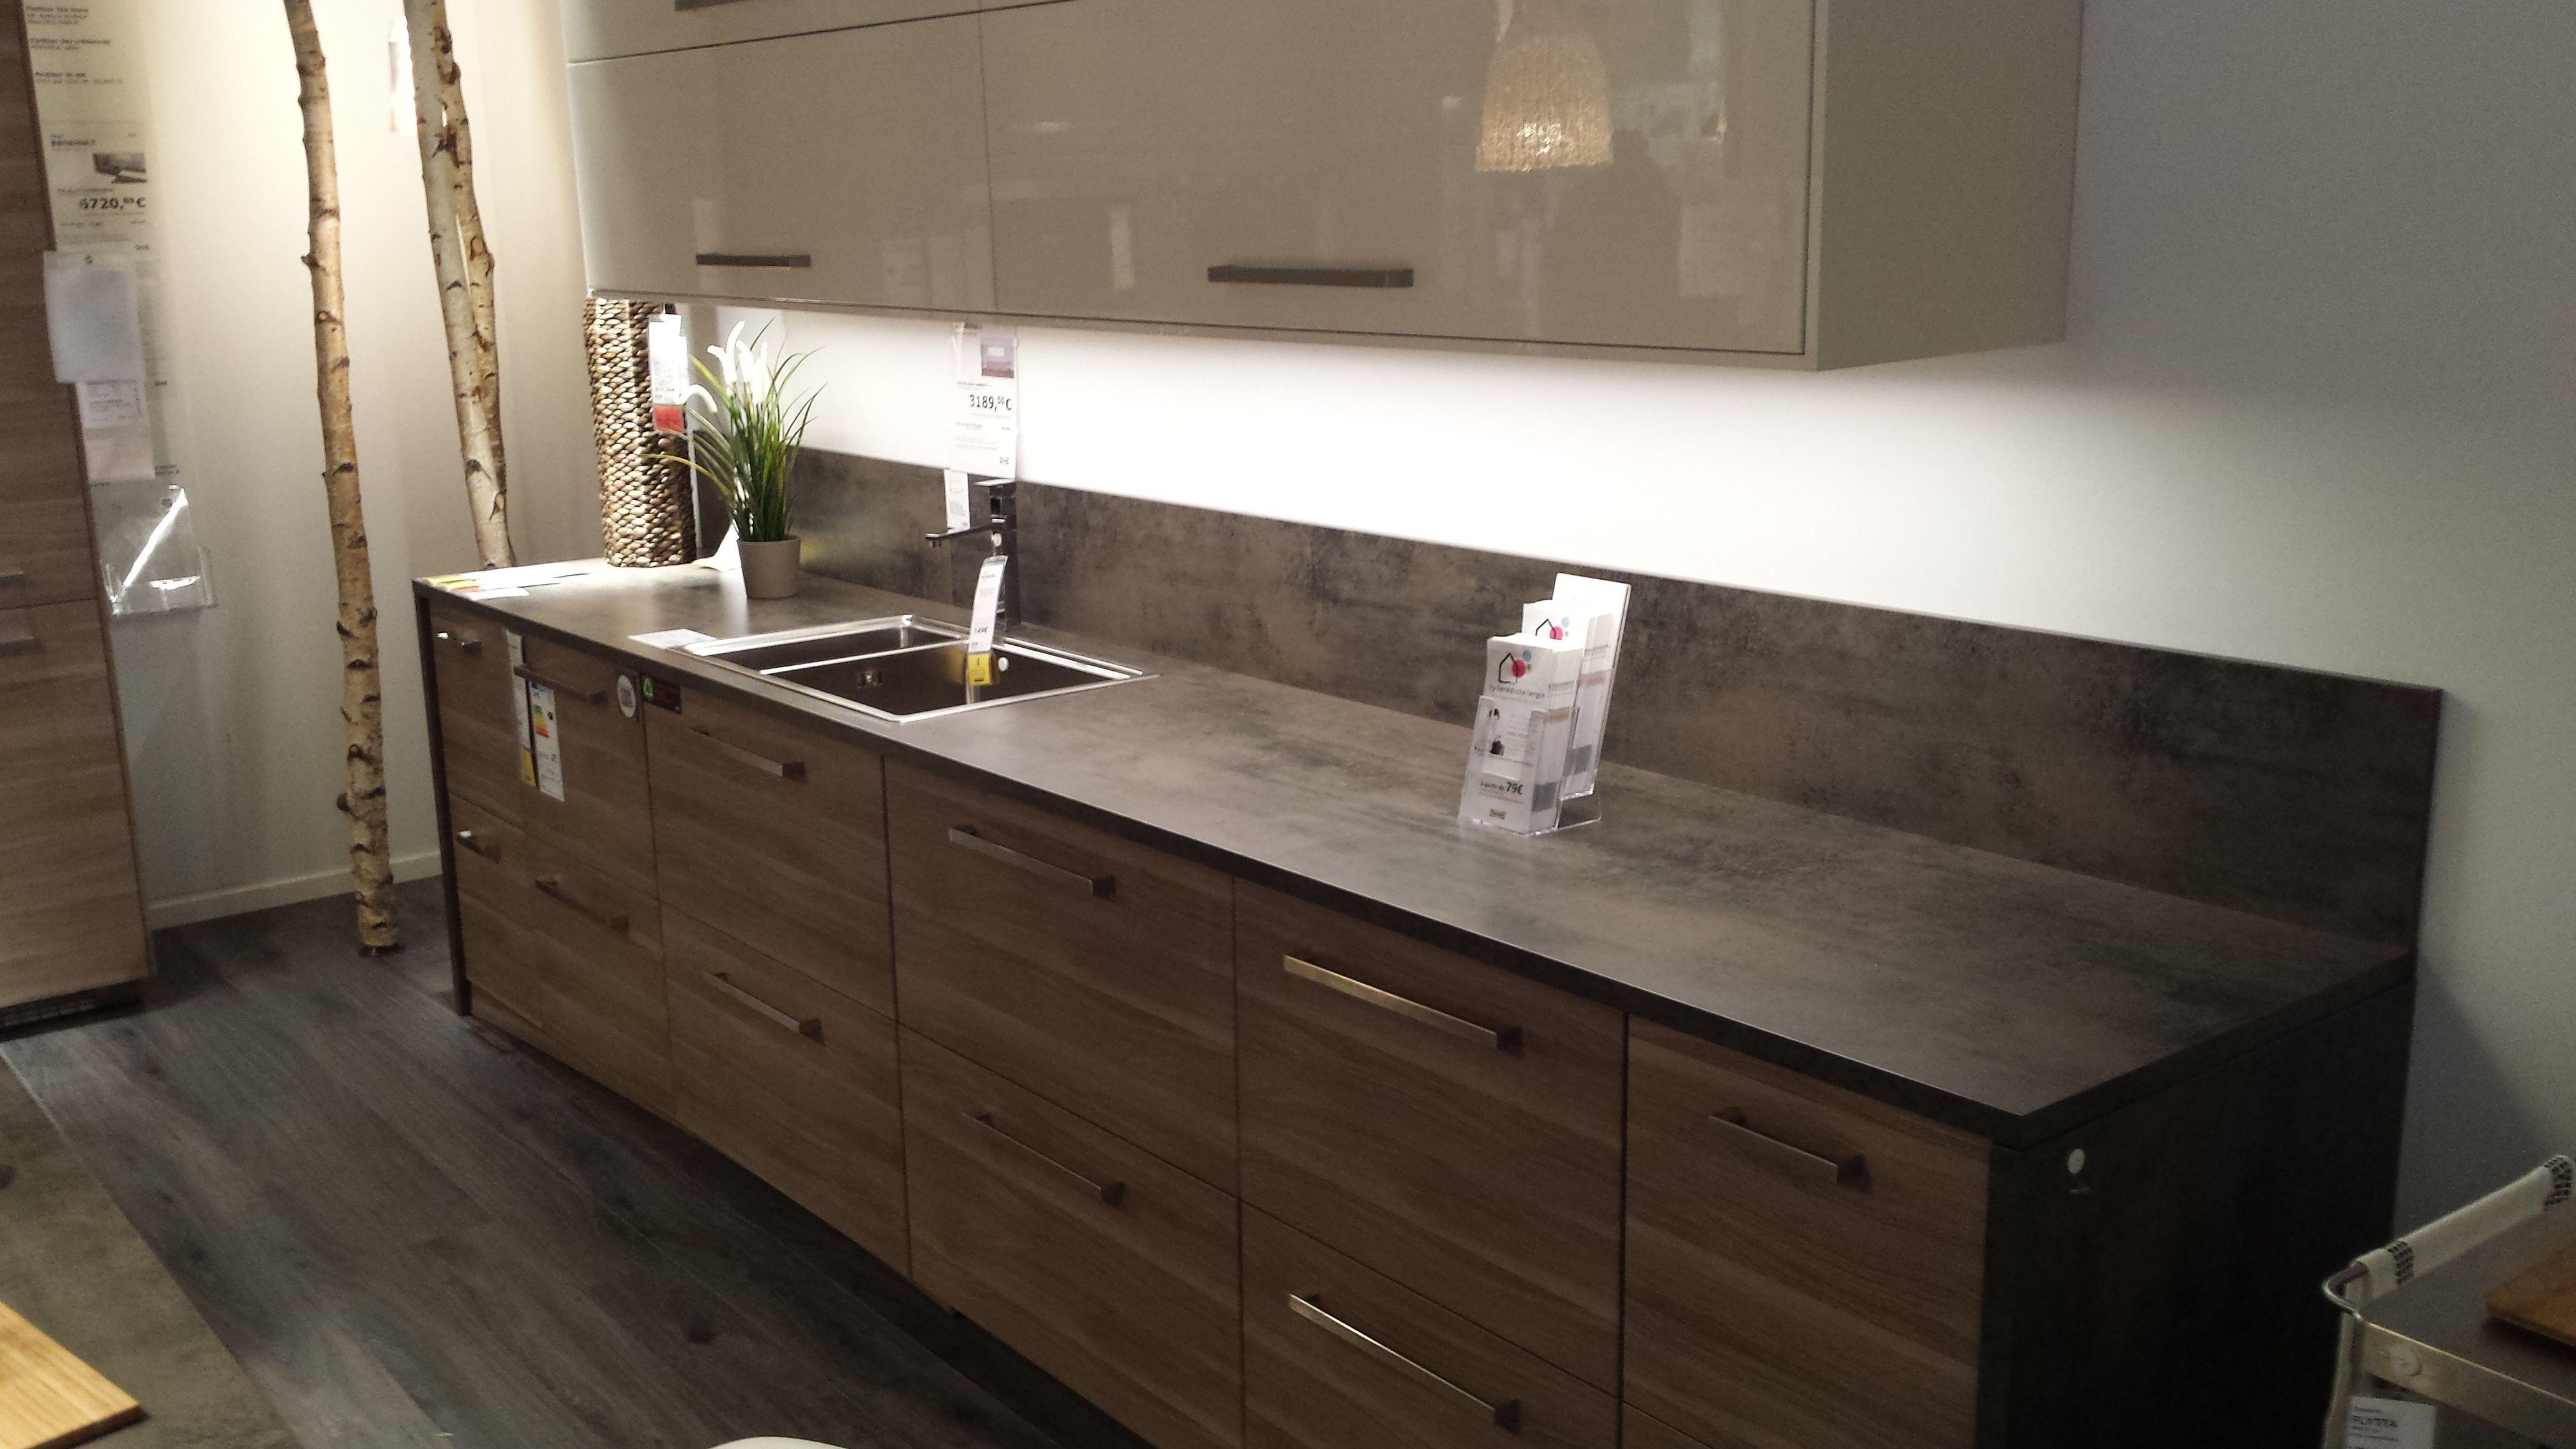 cuisine noyer gris clair plan de travail effet b ton. Black Bedroom Furniture Sets. Home Design Ideas